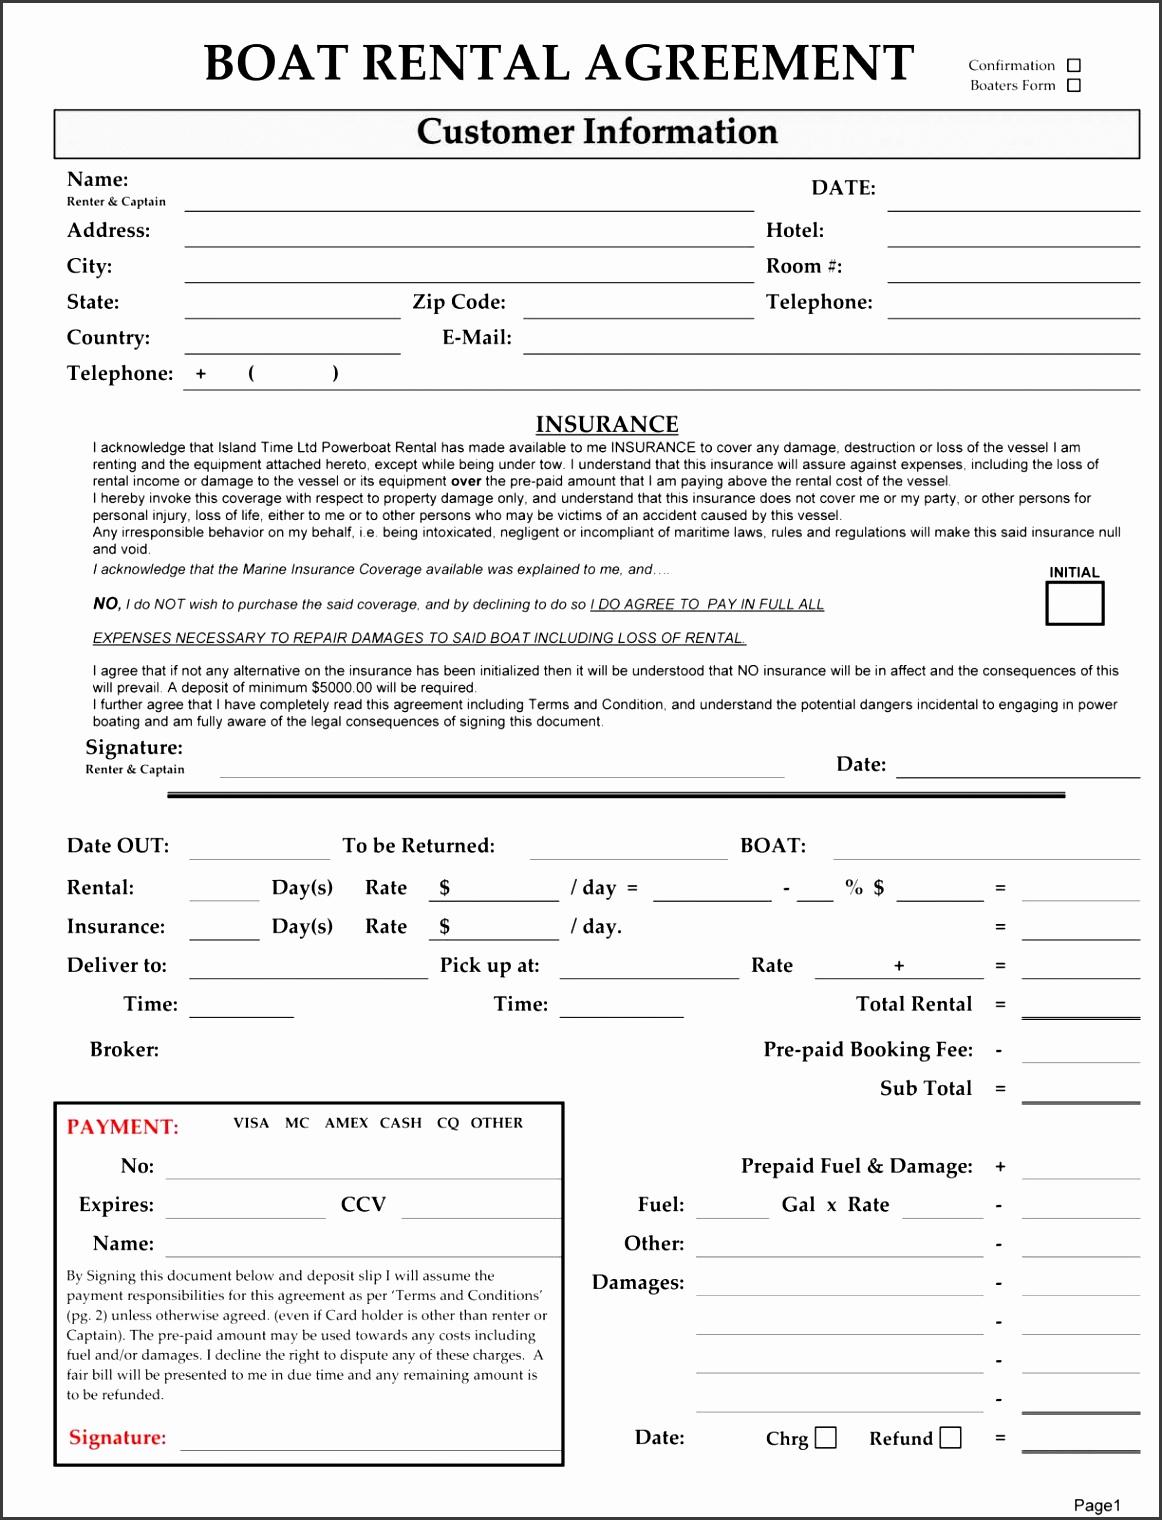 5 Room Rent Receipt Template - SampleTemplatess - SampleTemplatess